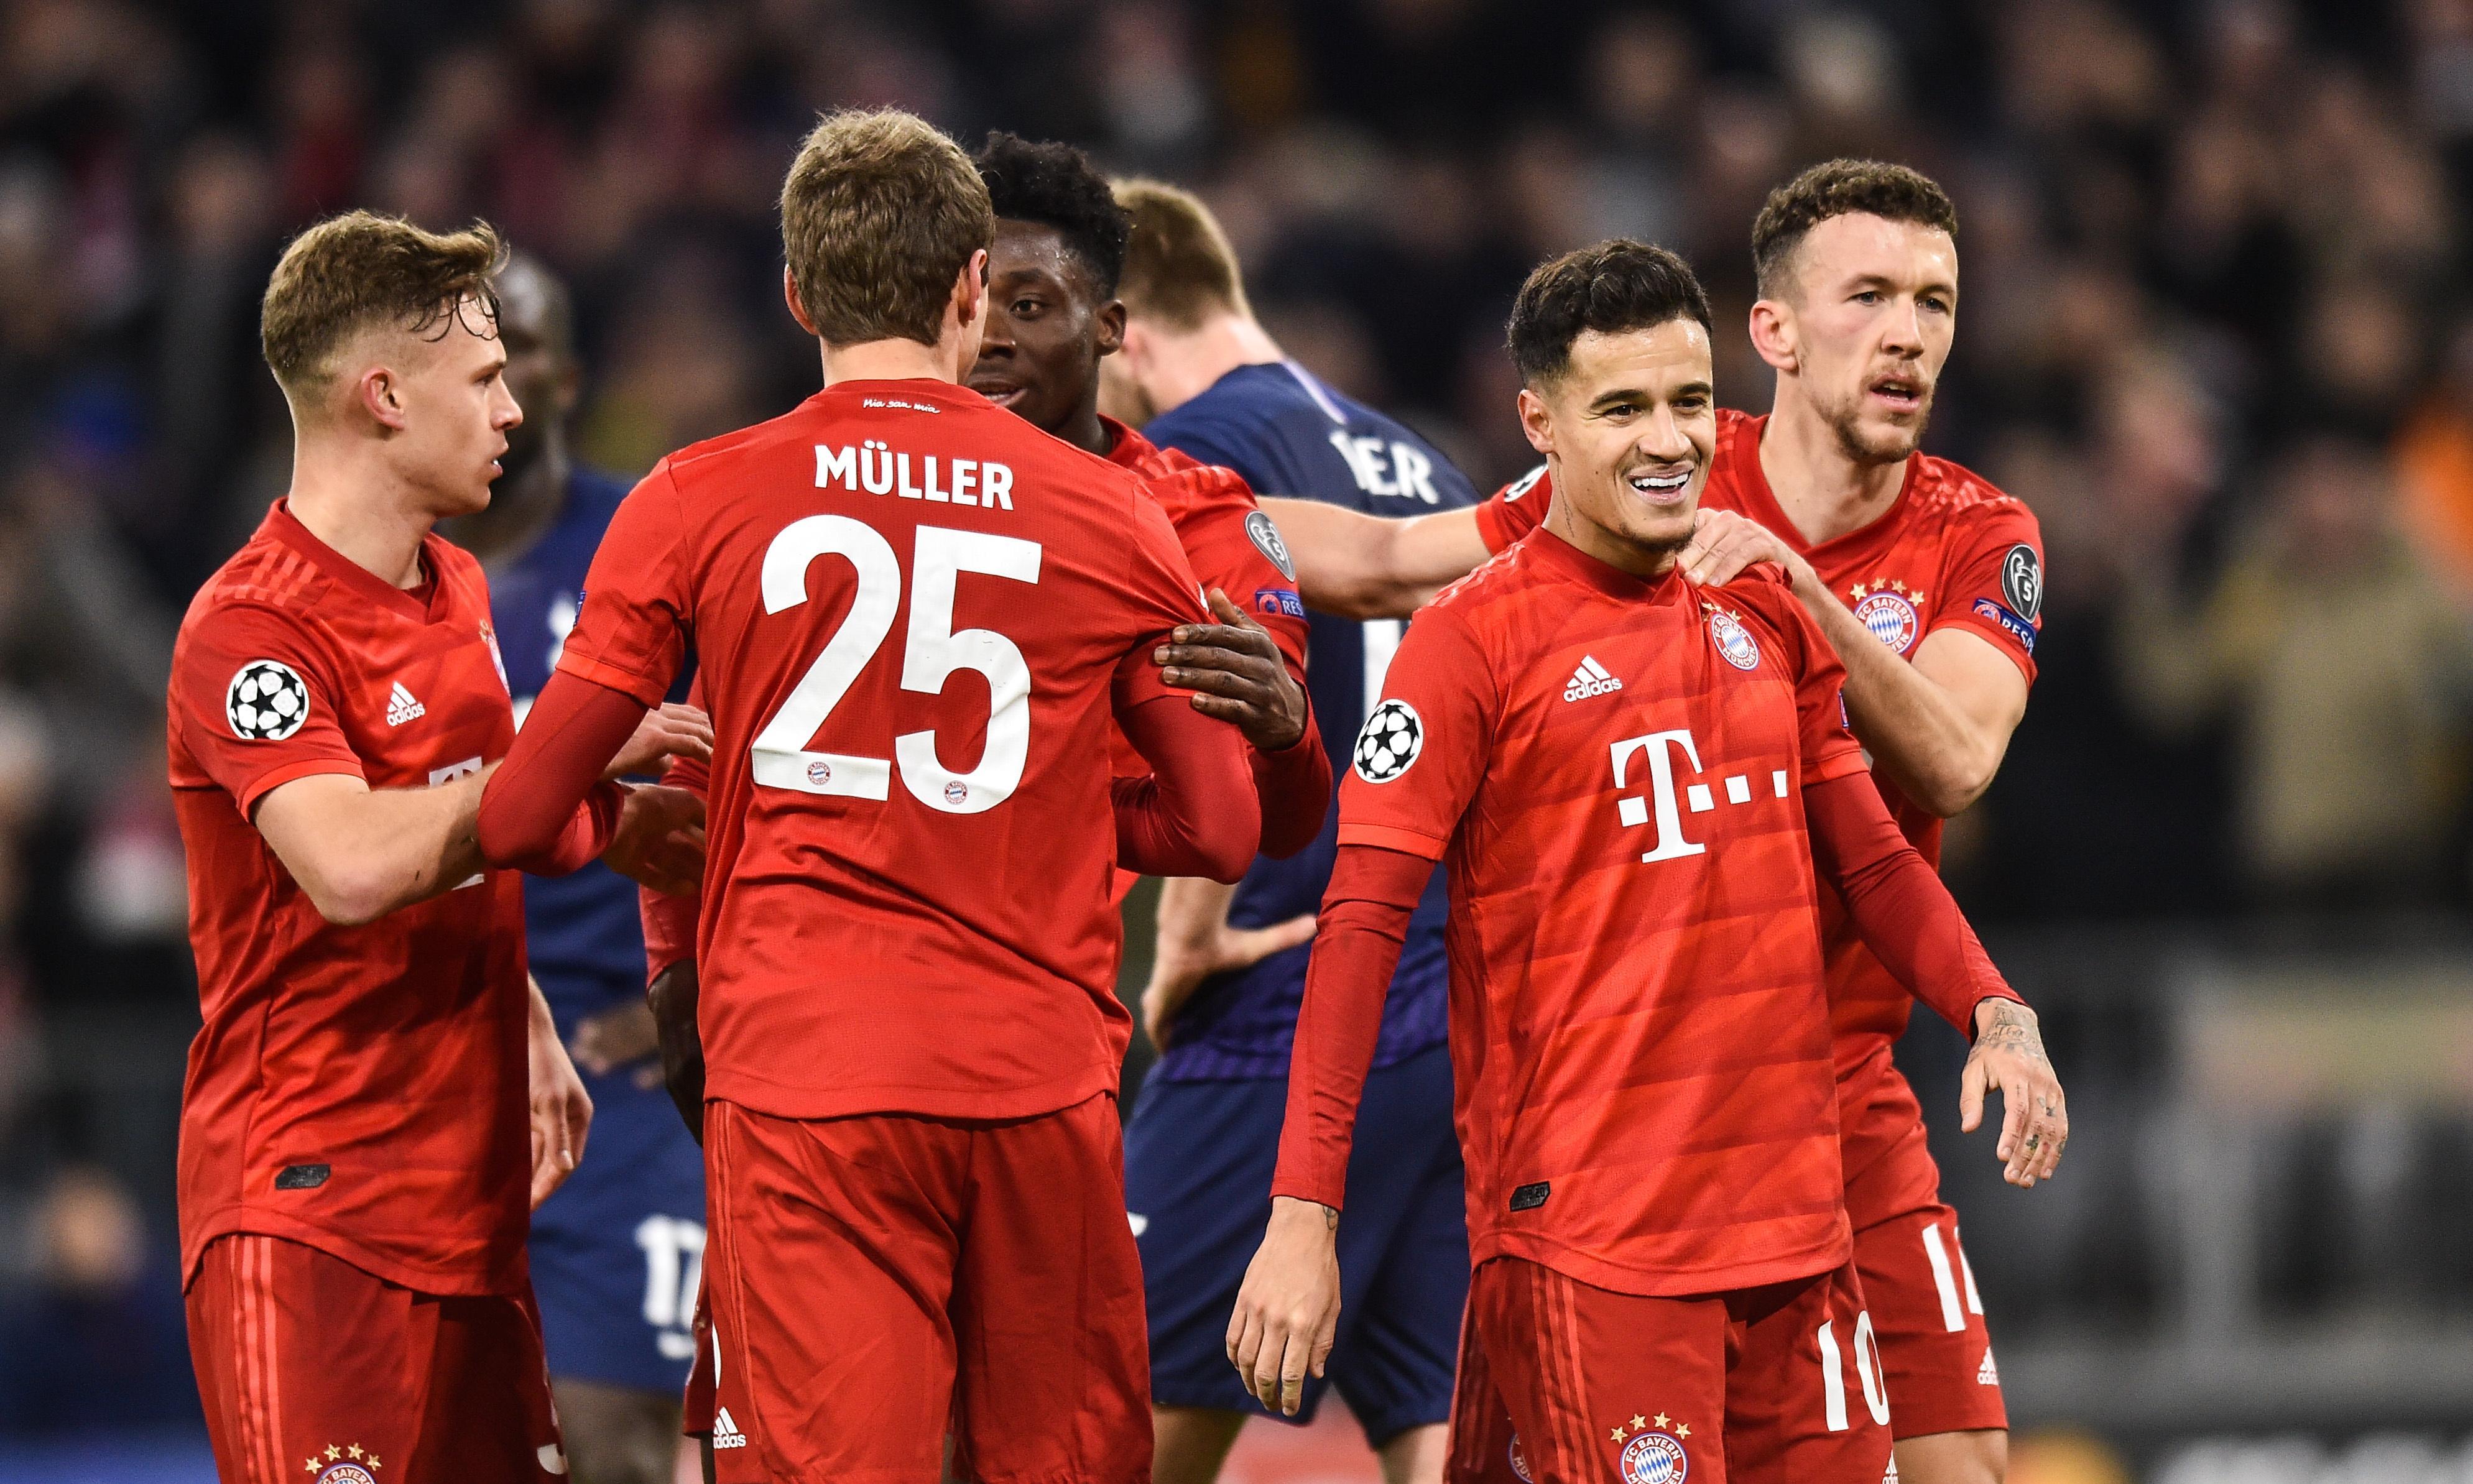 Coutinho adds finishing touch as Bayern Munich brush Tottenham aside